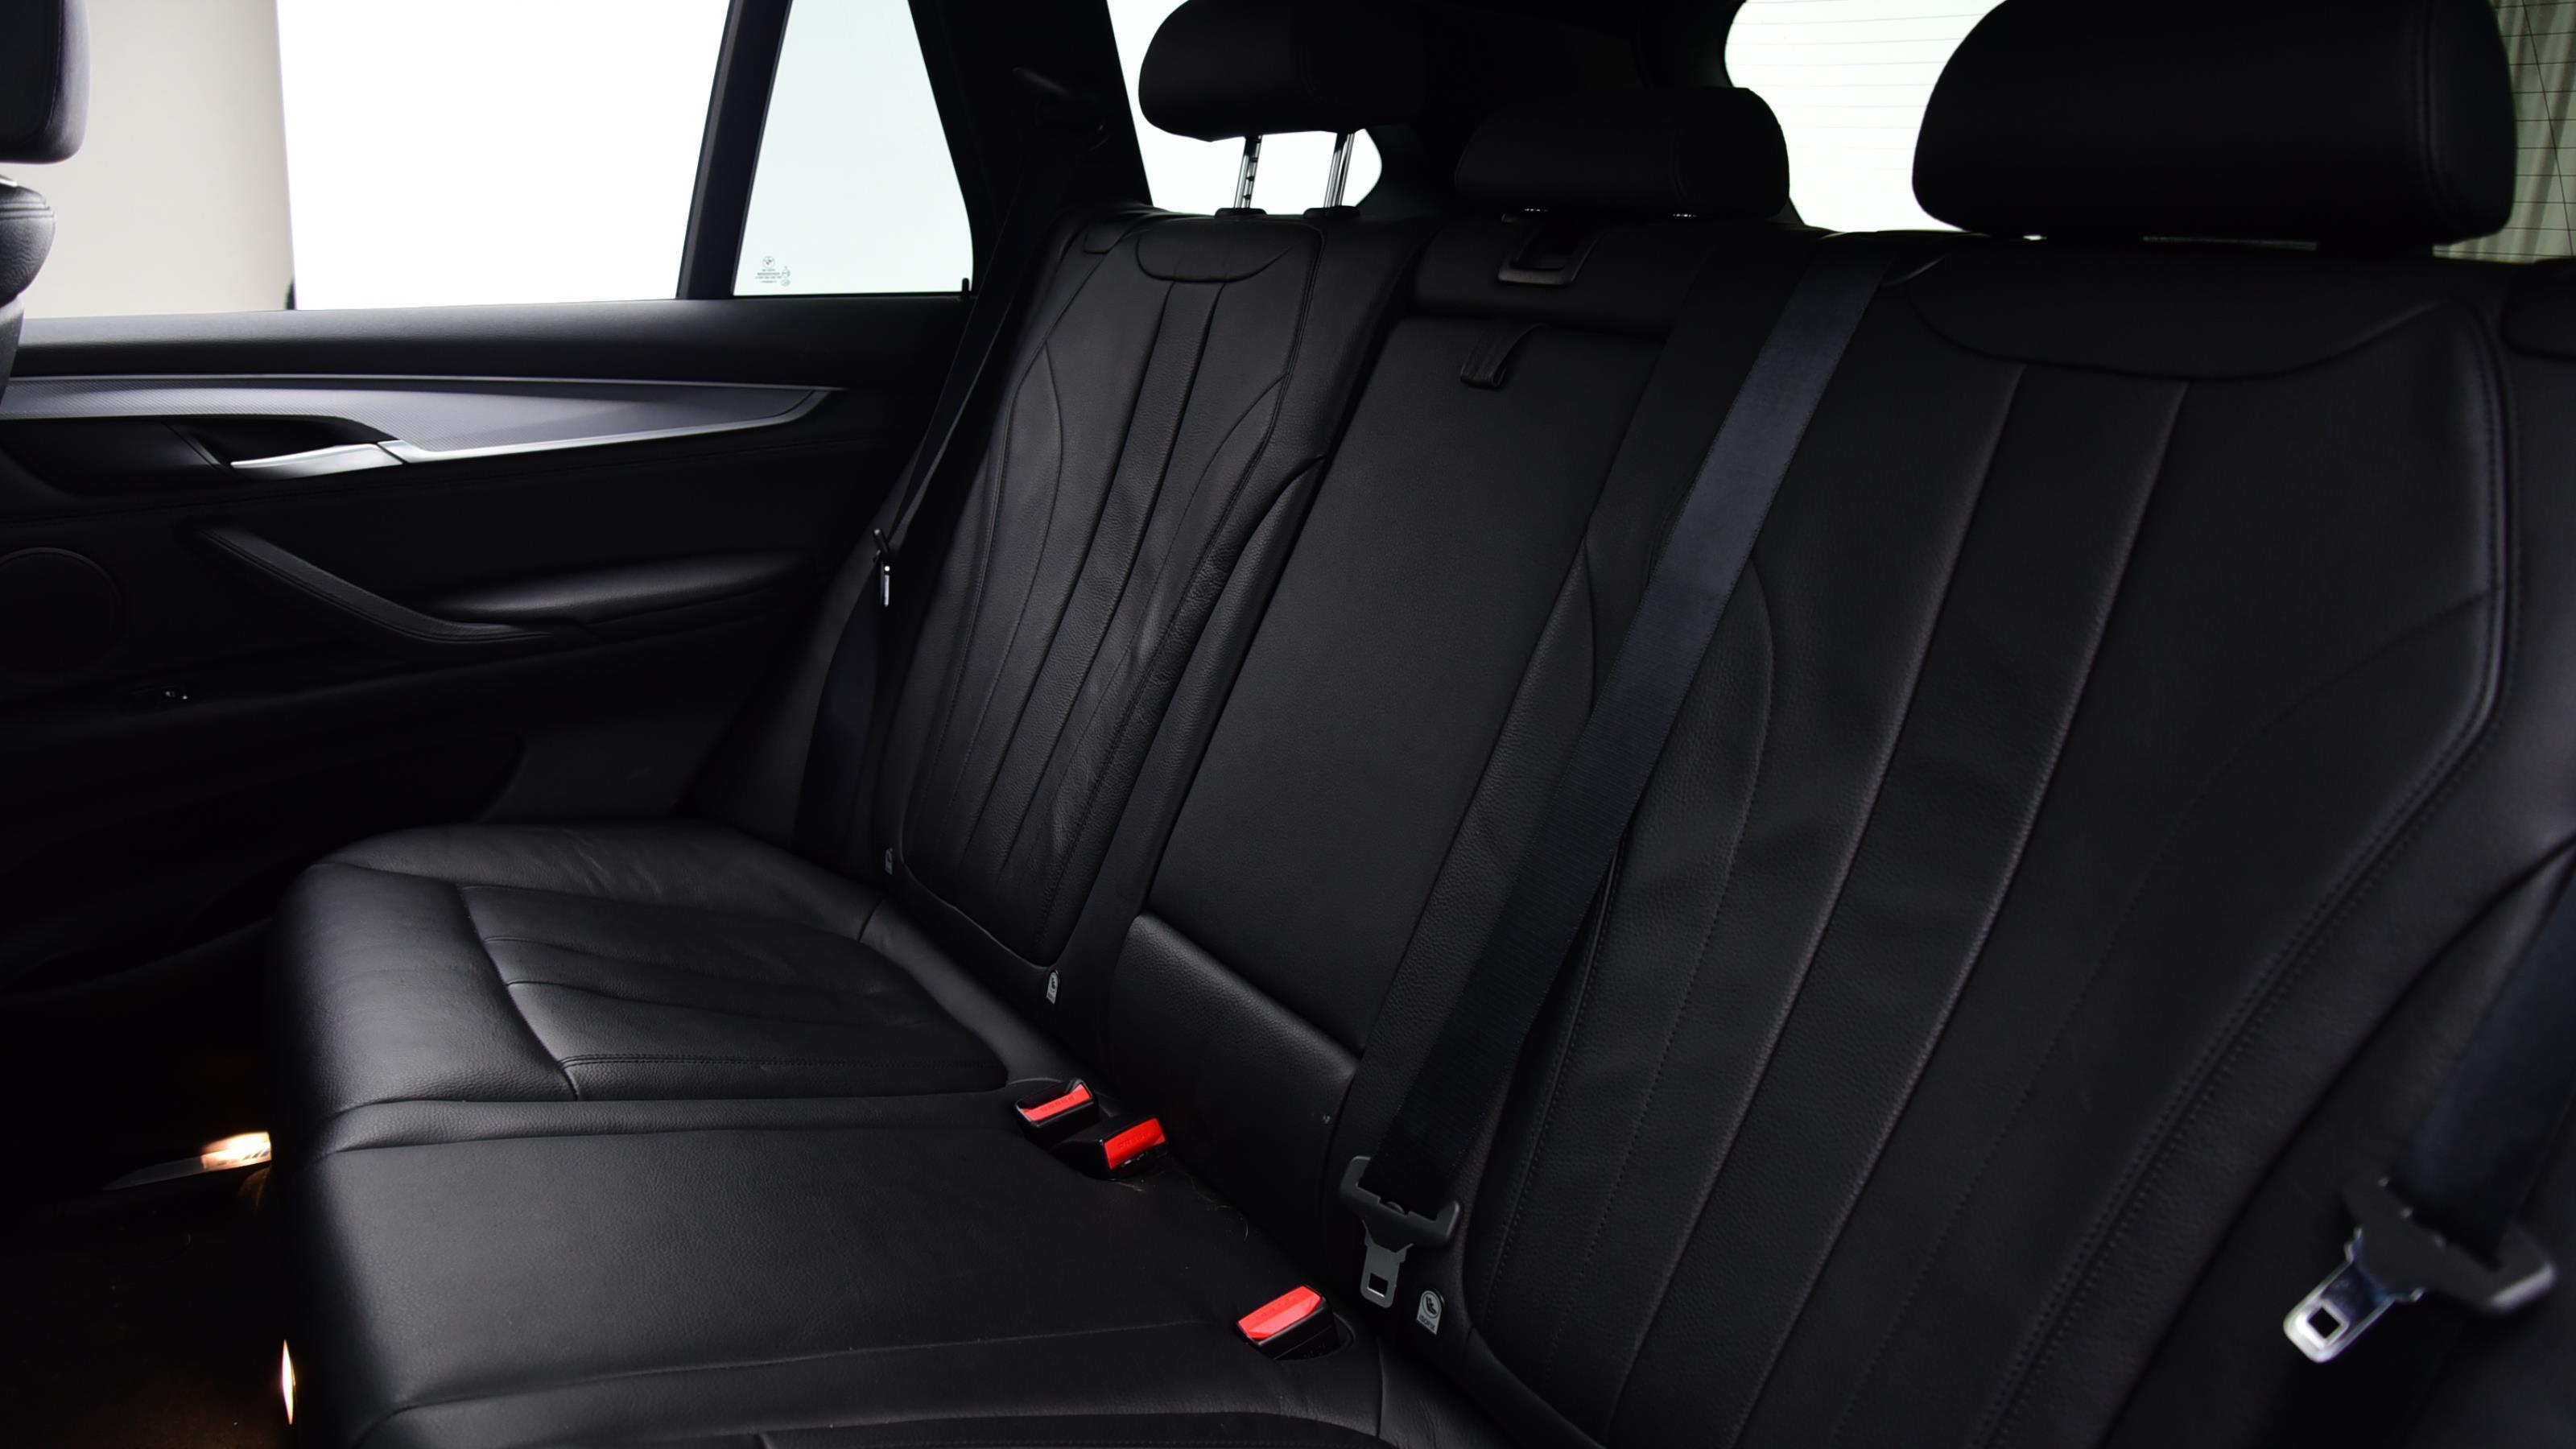 Used 2015 BMW X5 xDrive40d M Sport 5dr Auto BLACK at Saxton4x4